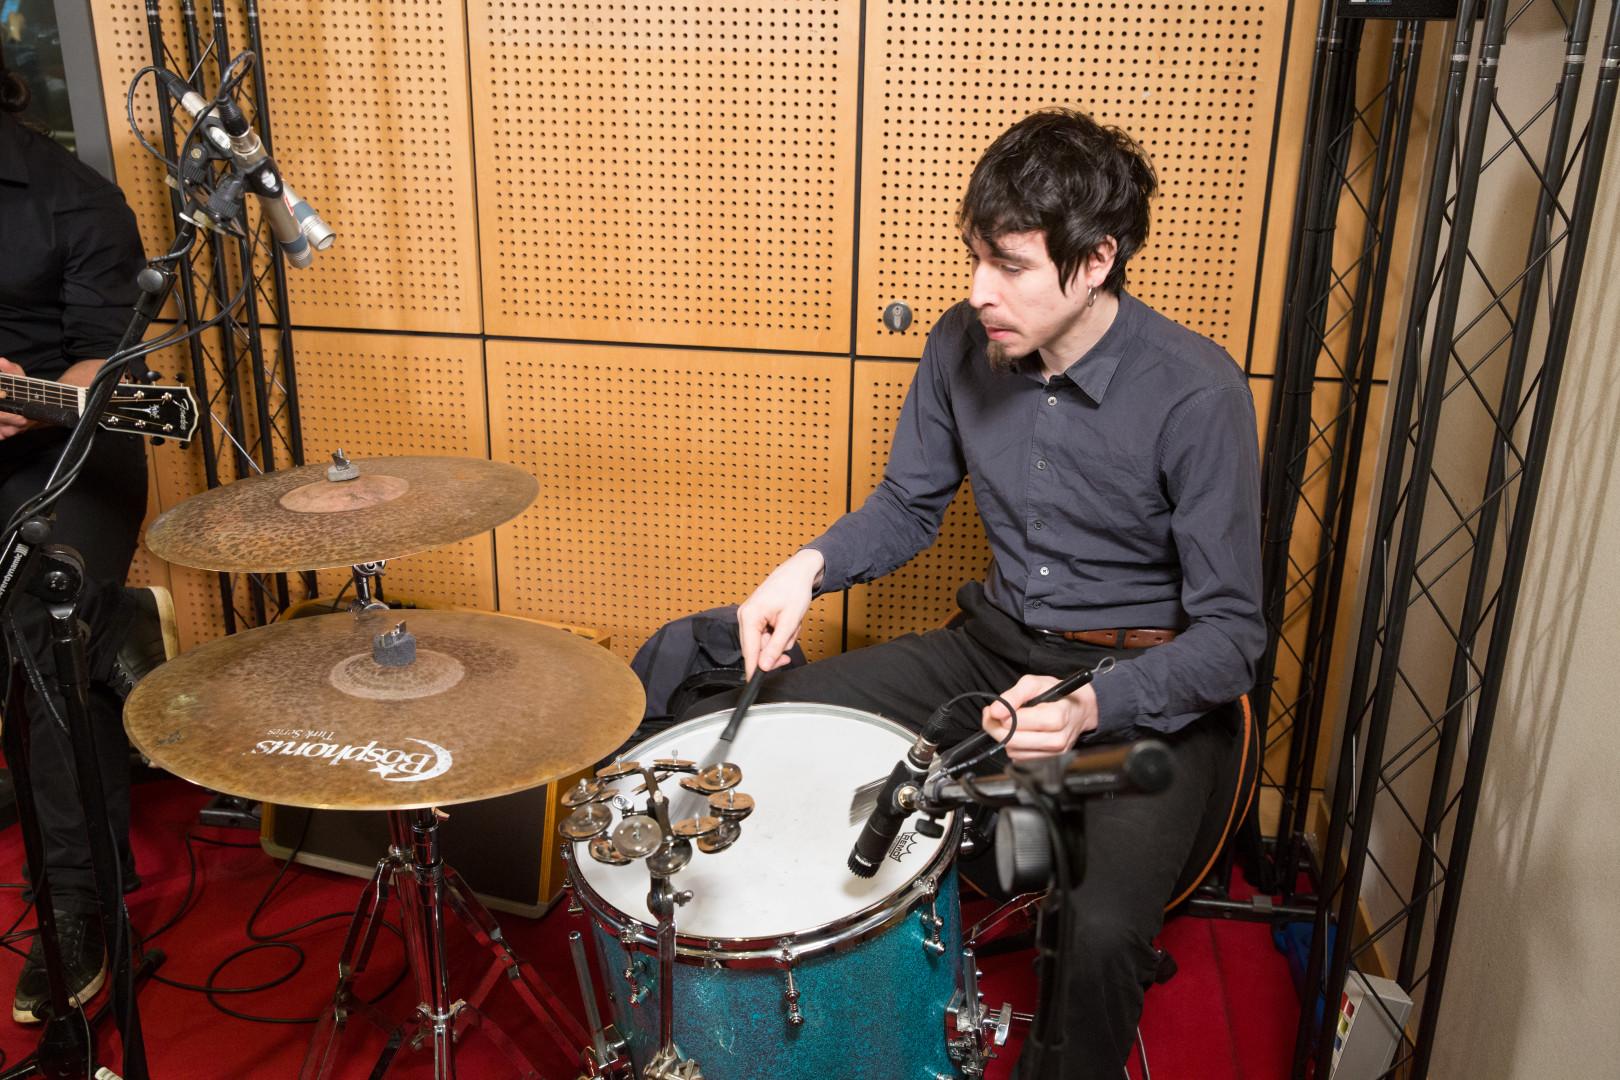 Klone en session acoustique dans les studios de RTL2